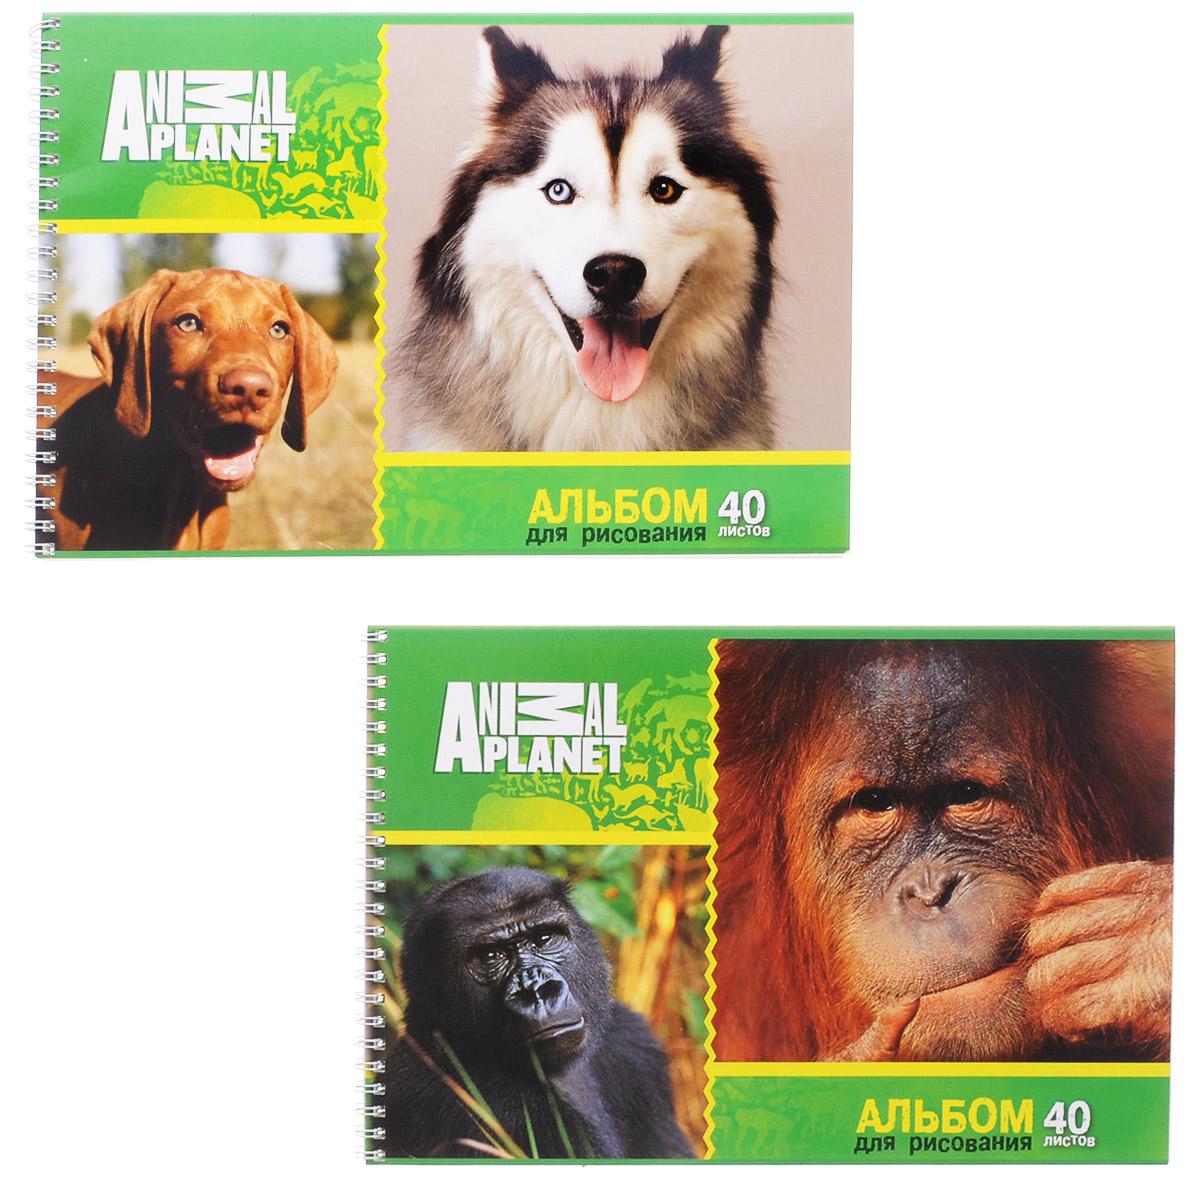 Action! Набор альбомов для рисования Собаки и обезьяны 40 листов 2 шт72523WDАльбом для рисования Action! Собаки и обезьяны порадует маленького художника и вдохновит его на творчество. Альбом изготовлен из белоснежной бумаги с яркой обложкой из плотного картона. Внутренний блок альбома на гребне. Один альбом содержит 40 листов. В набор входят два альбома.